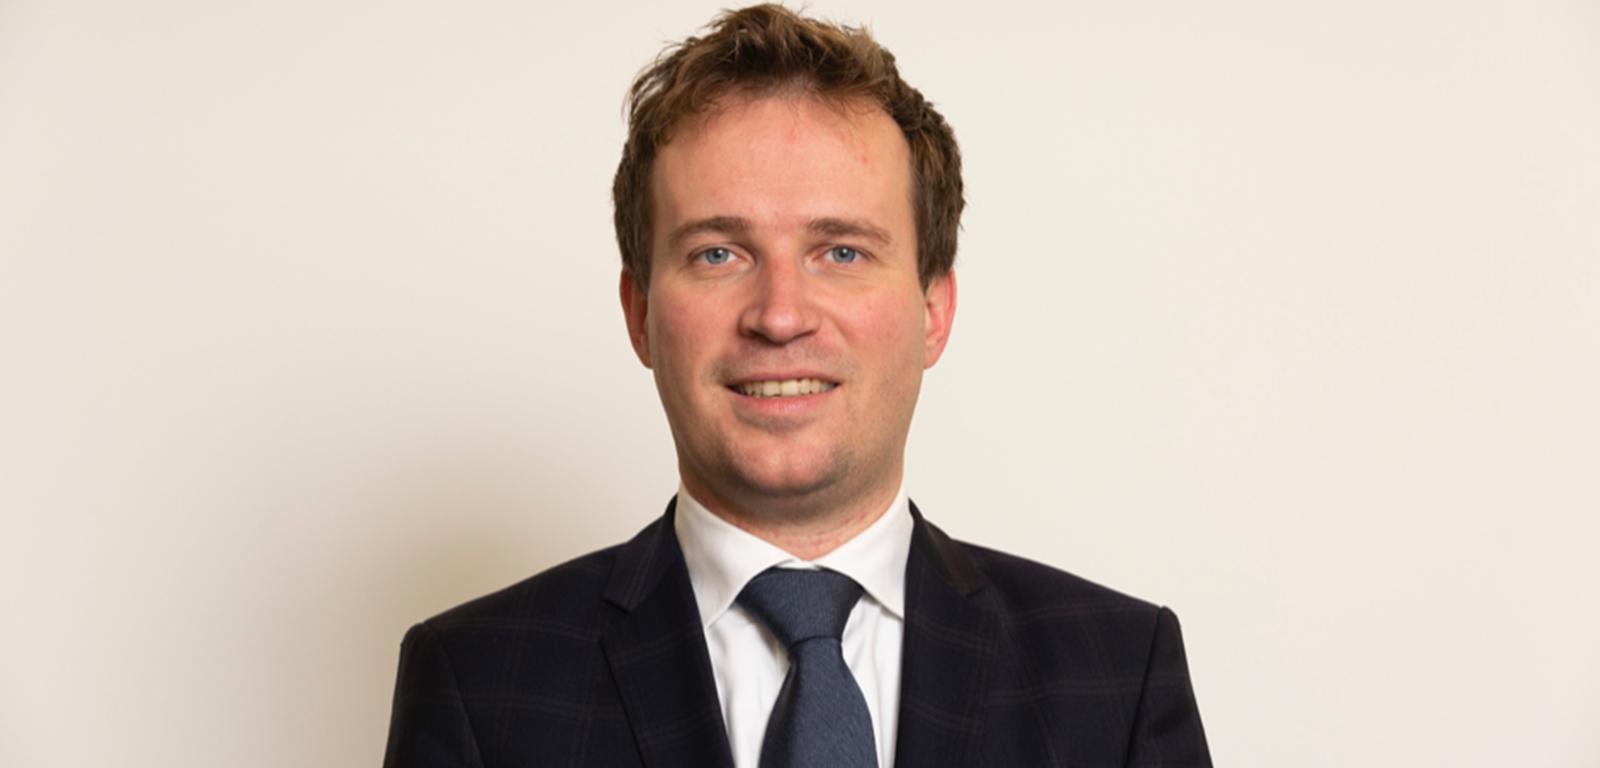 Directie Netbeheer Nederland uitgebreid met Directeur Beleid & Energietransitie